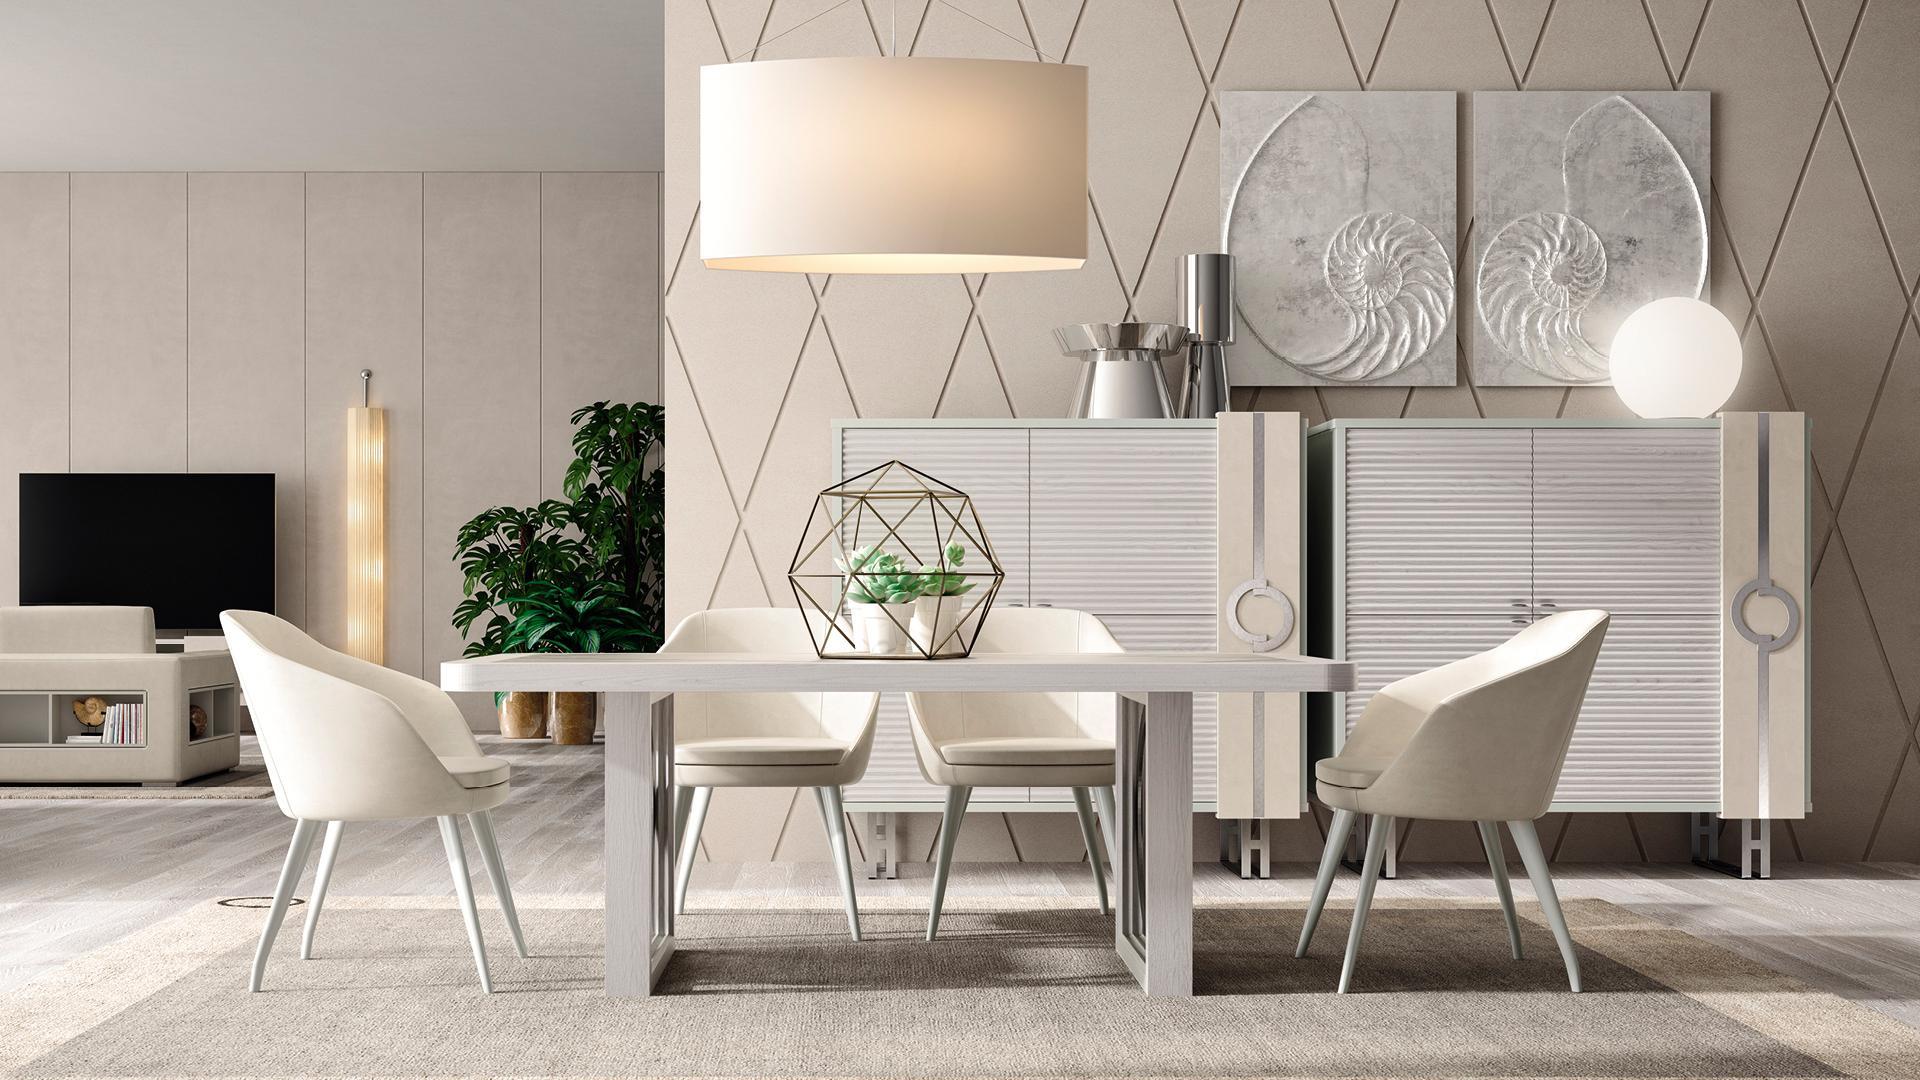 Come illuminare la sala da pranzo la risposta in 15 idee for Sala da pranzo decor